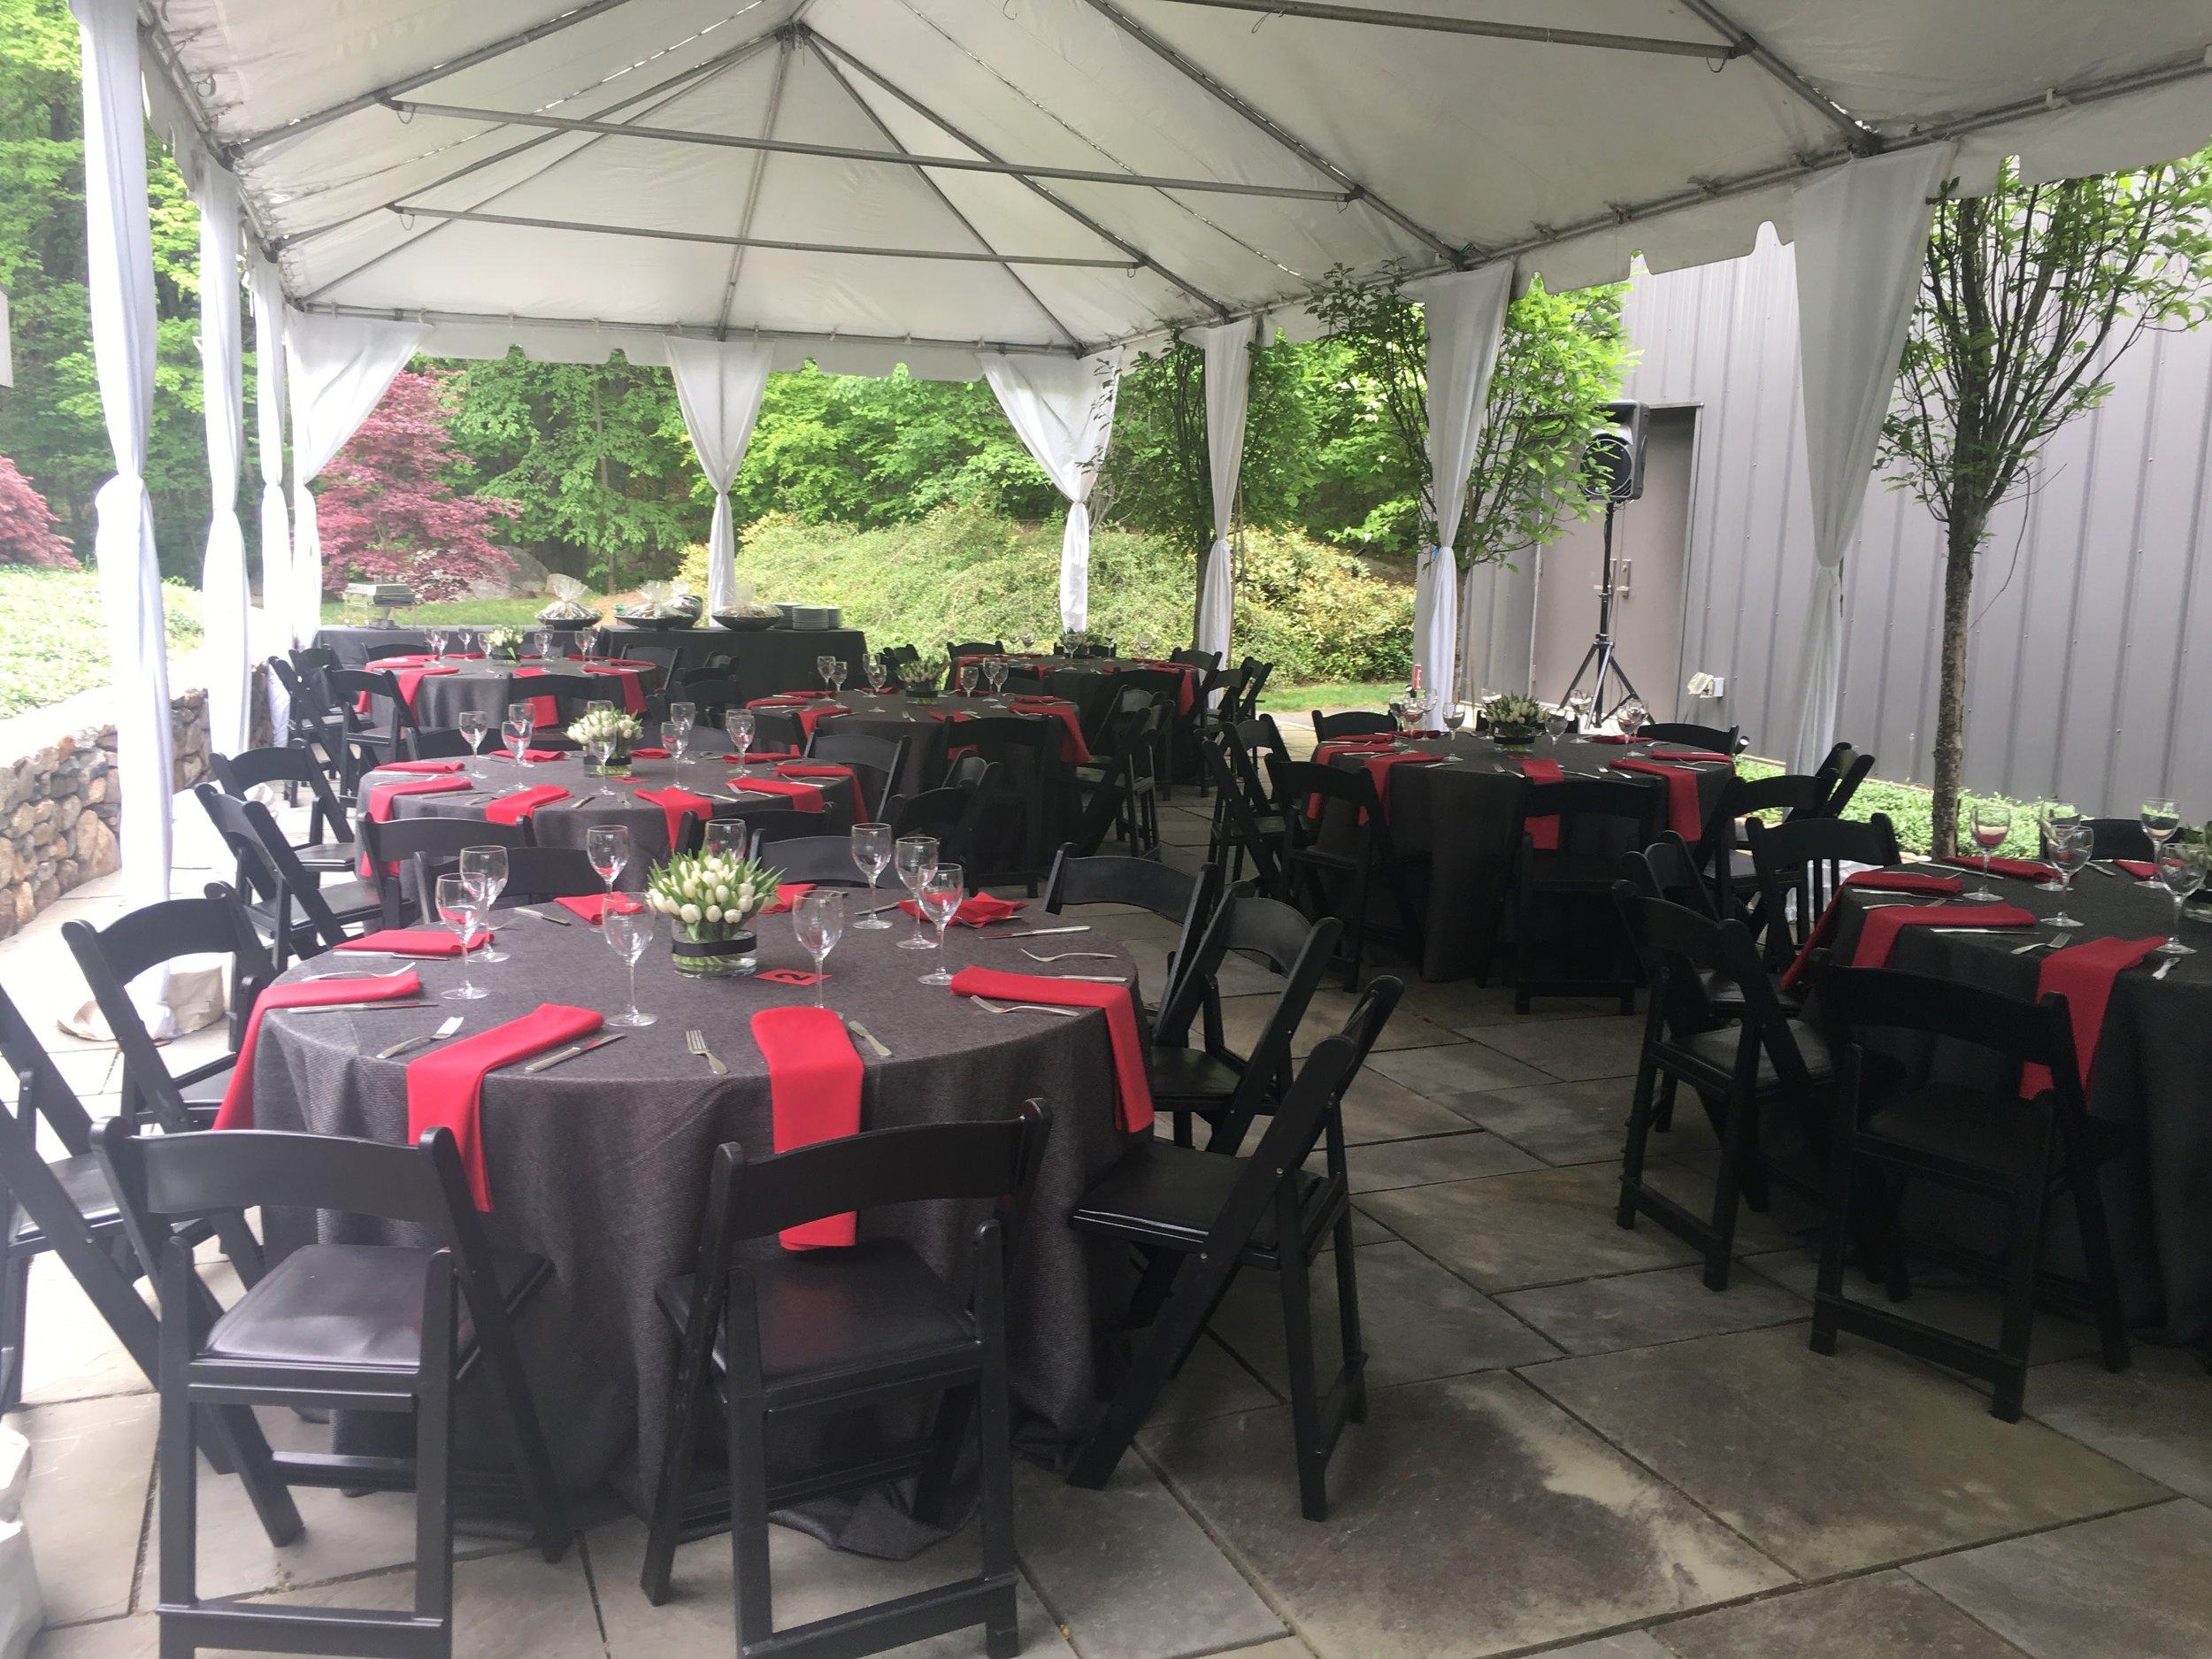 Venue: Temple B'nai Chaim, Georgetown, CT